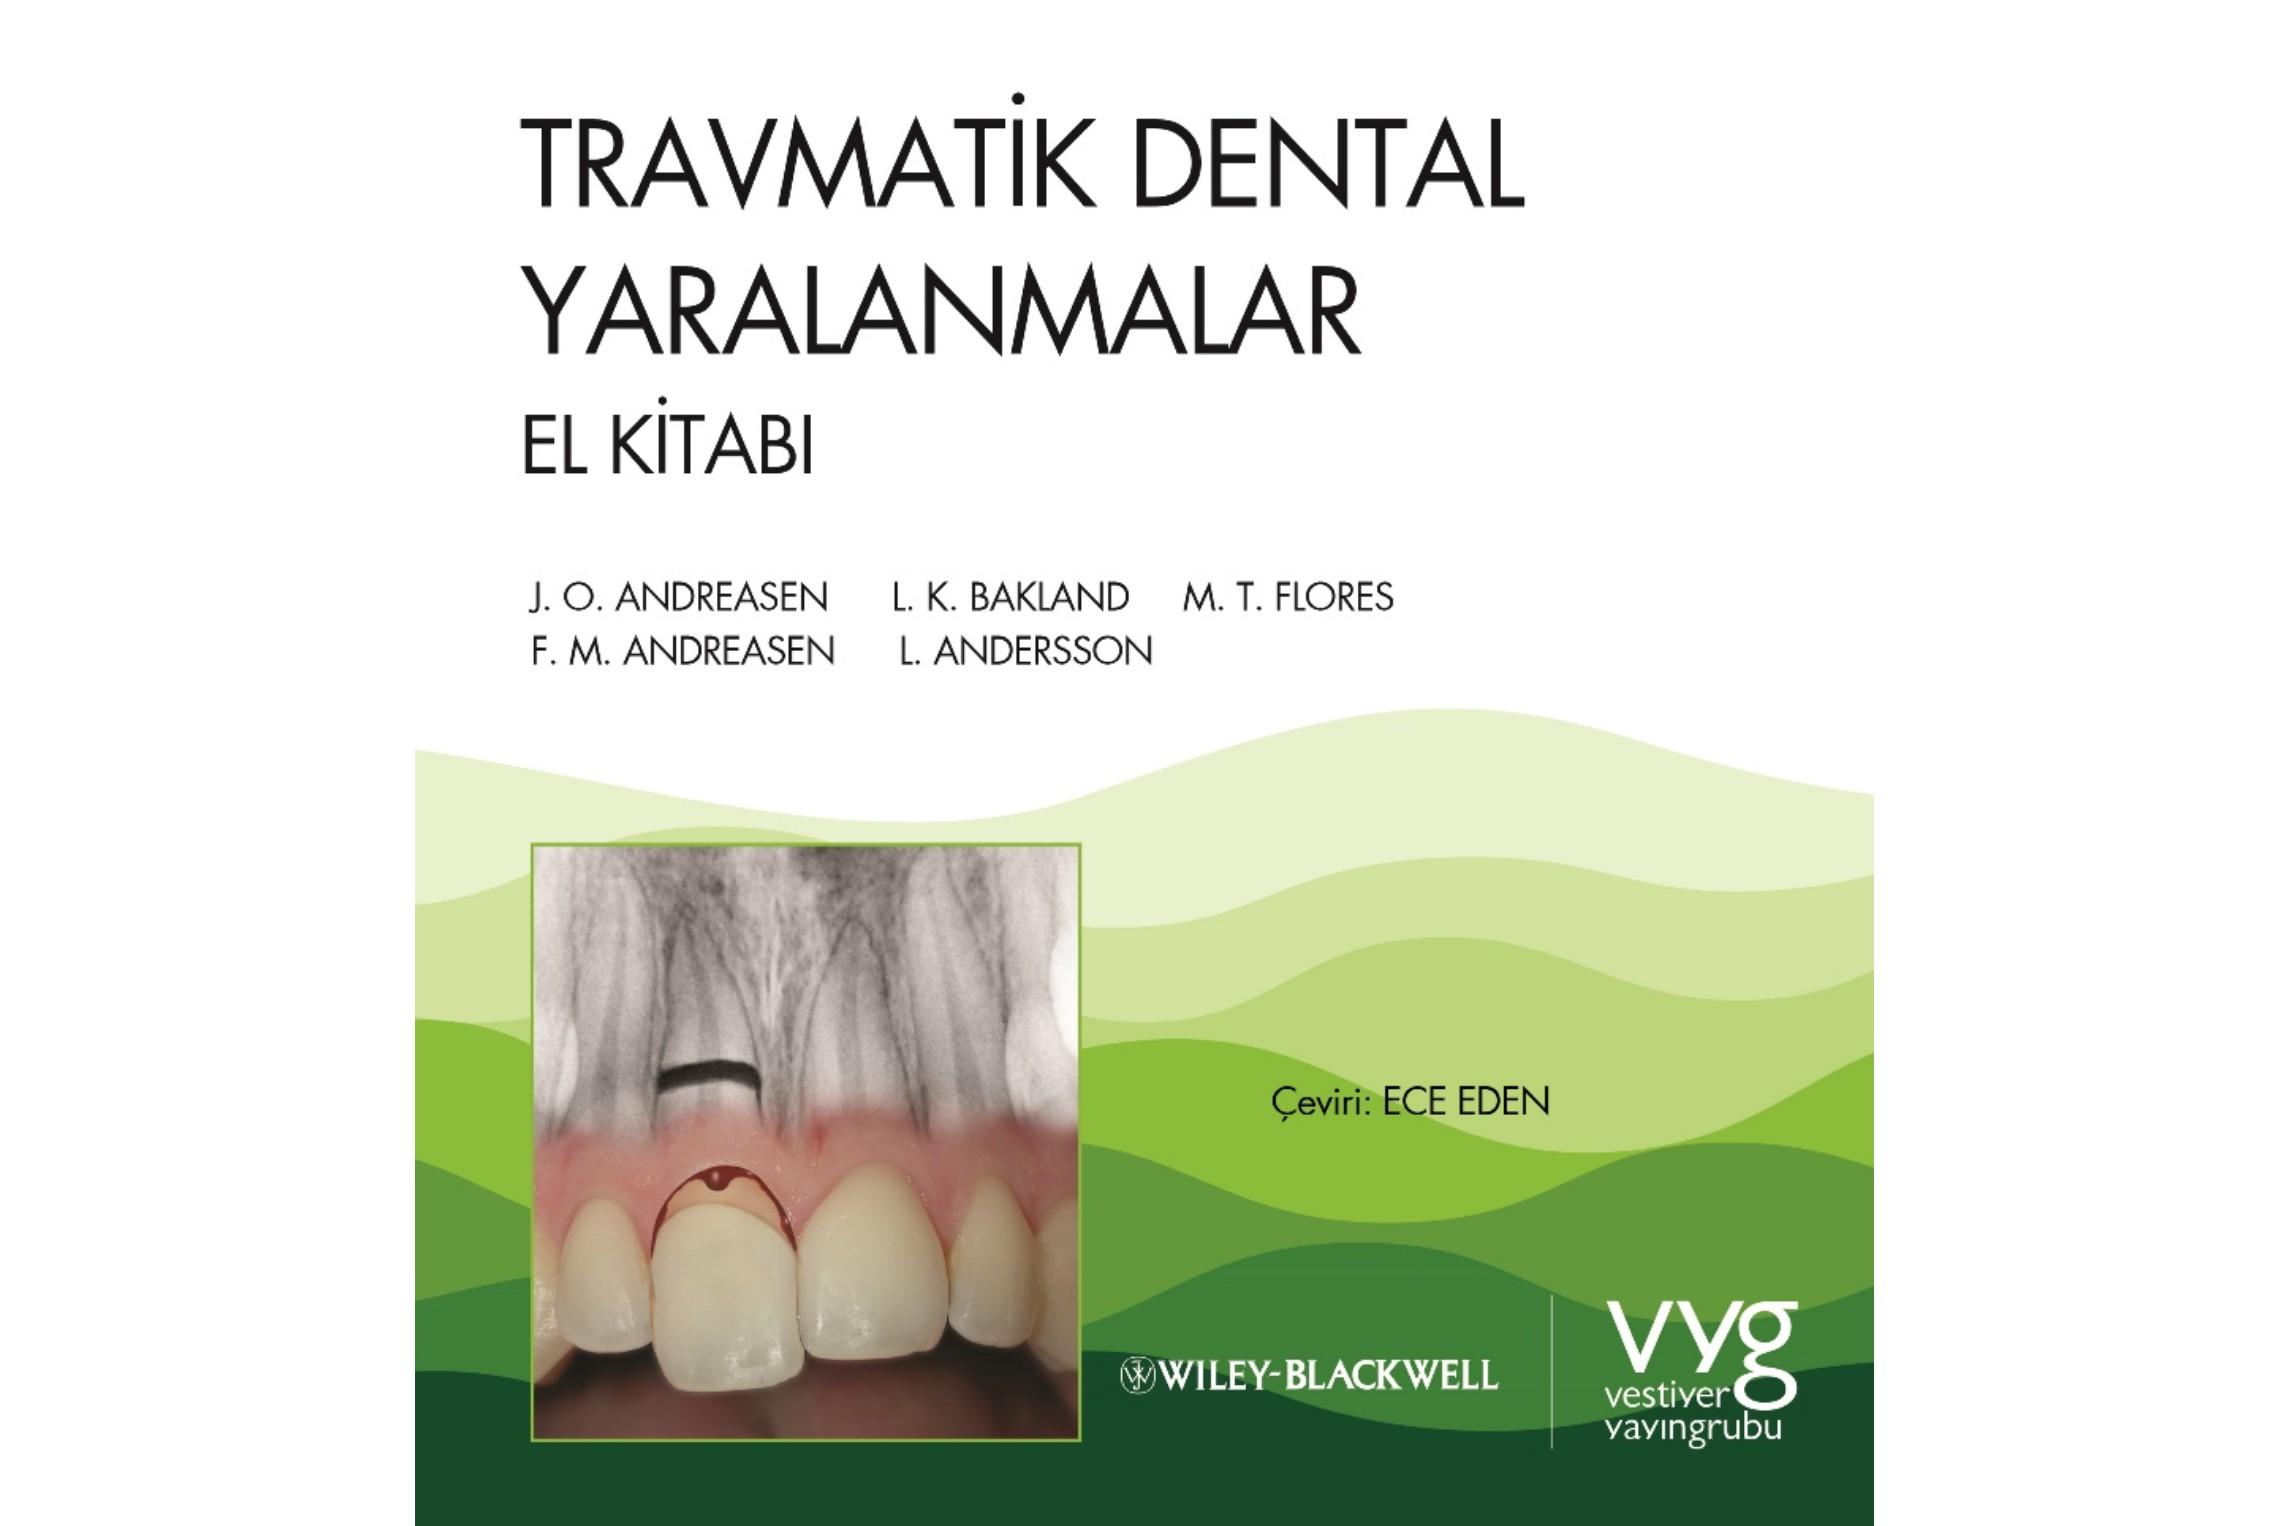 Travmatik Dental Yaralanmalar El Kitabı'nın  4. Baskısı Yayınlanacak!